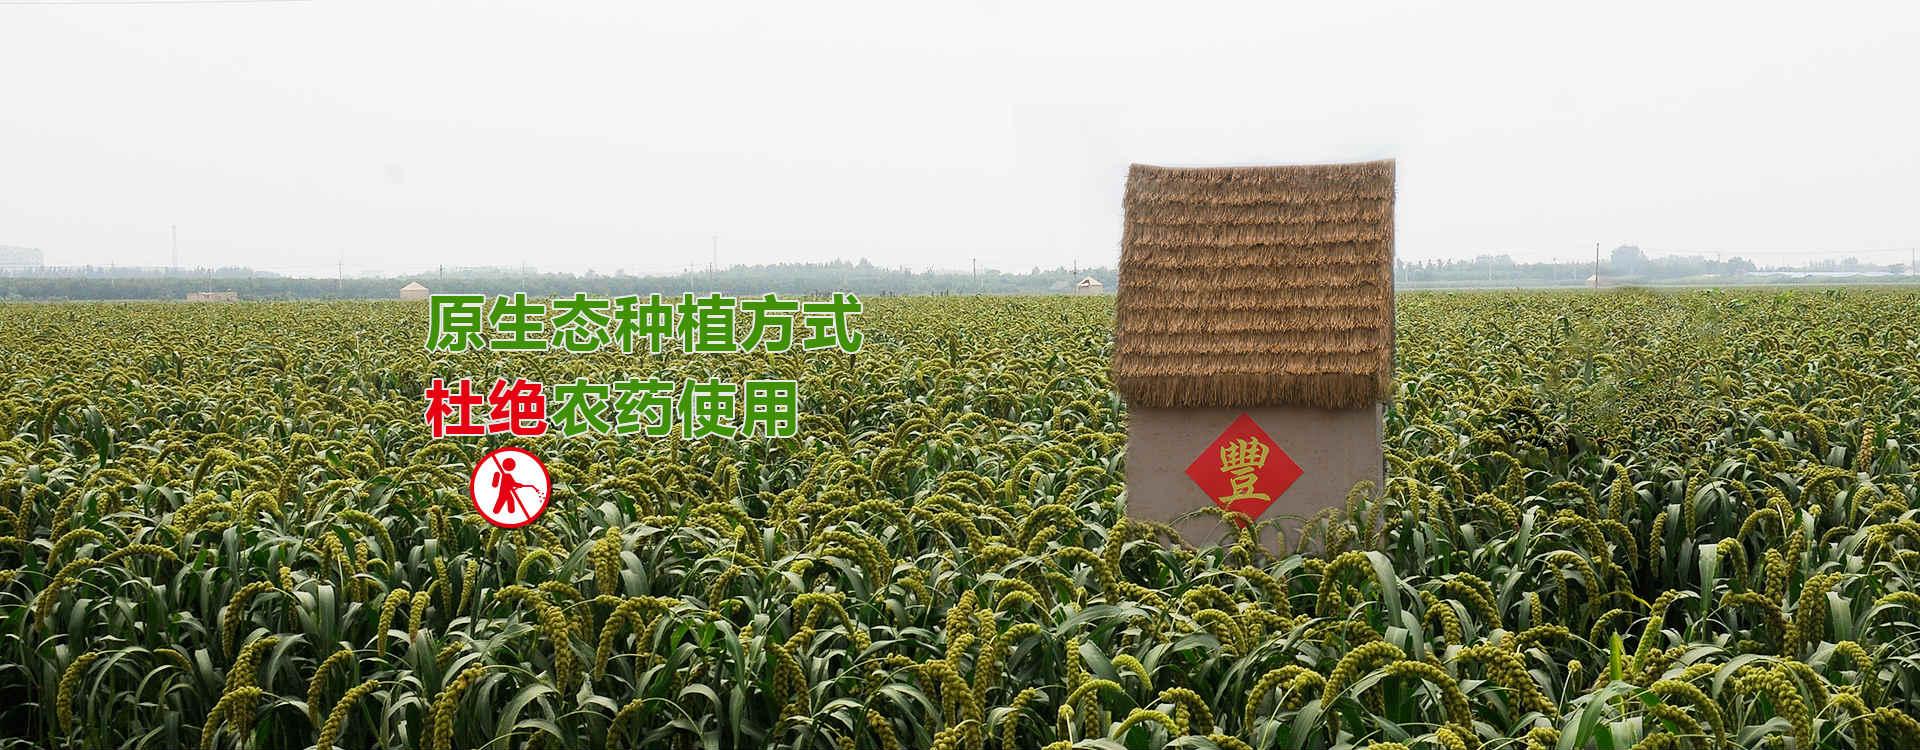 原生态种植方式 杜绝农药使用